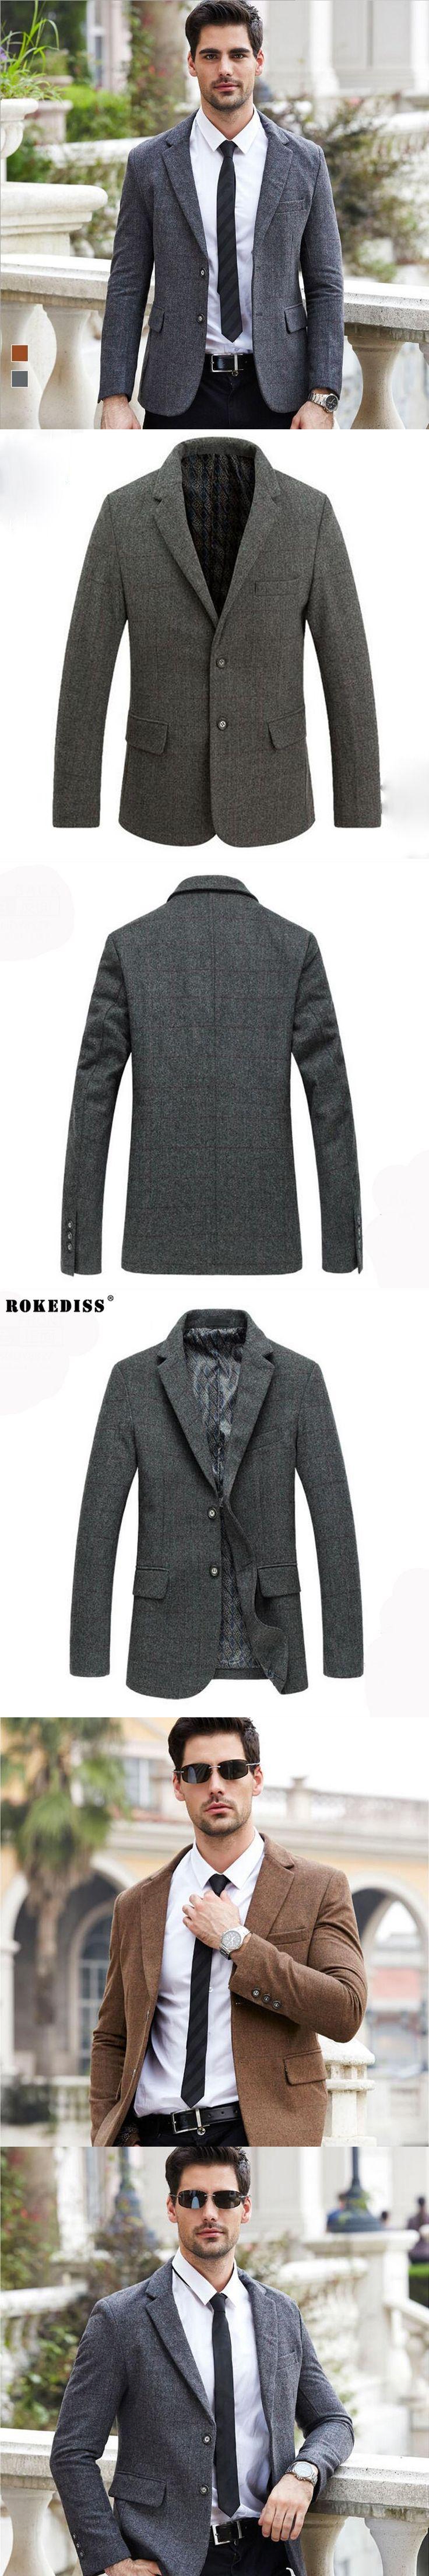 ROKEDISS 2017 Men's Jackets Coat Autumn Winter Long Woolen Snow Coat For Men Wool Jackets